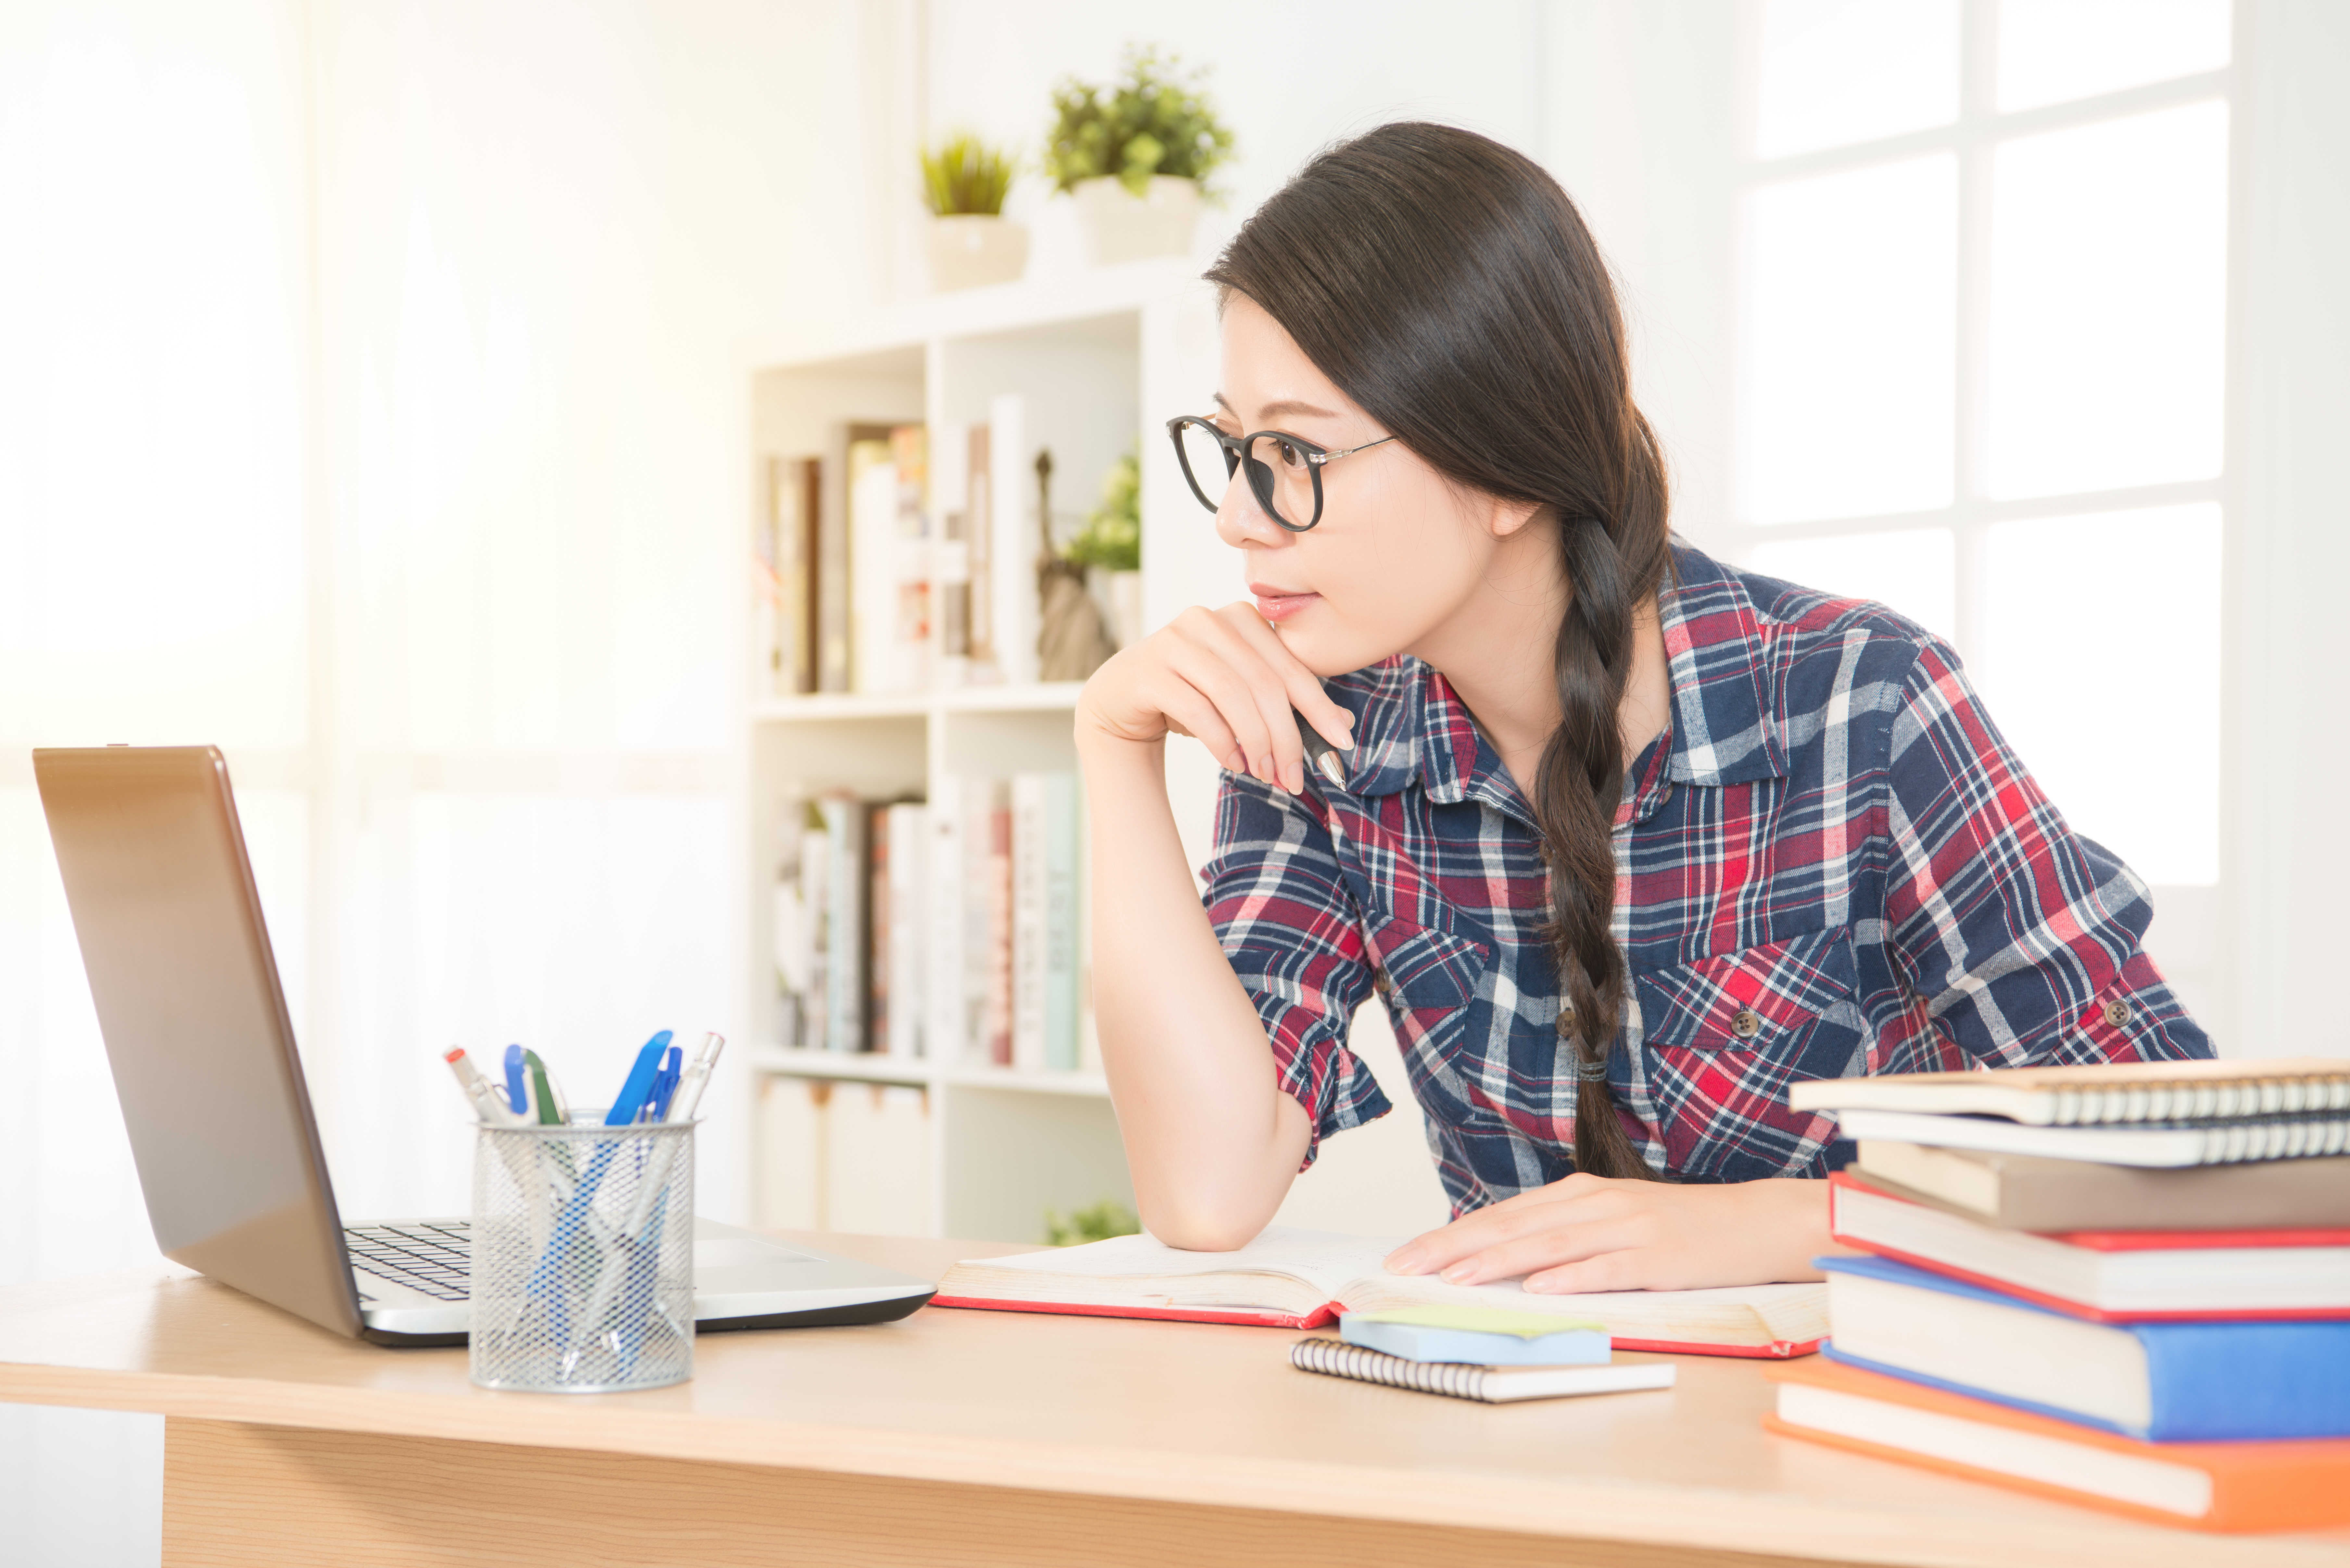 Pomoce do nauki języka angielskiego - Co wybrać, gdy uczysz się samodzielnie?